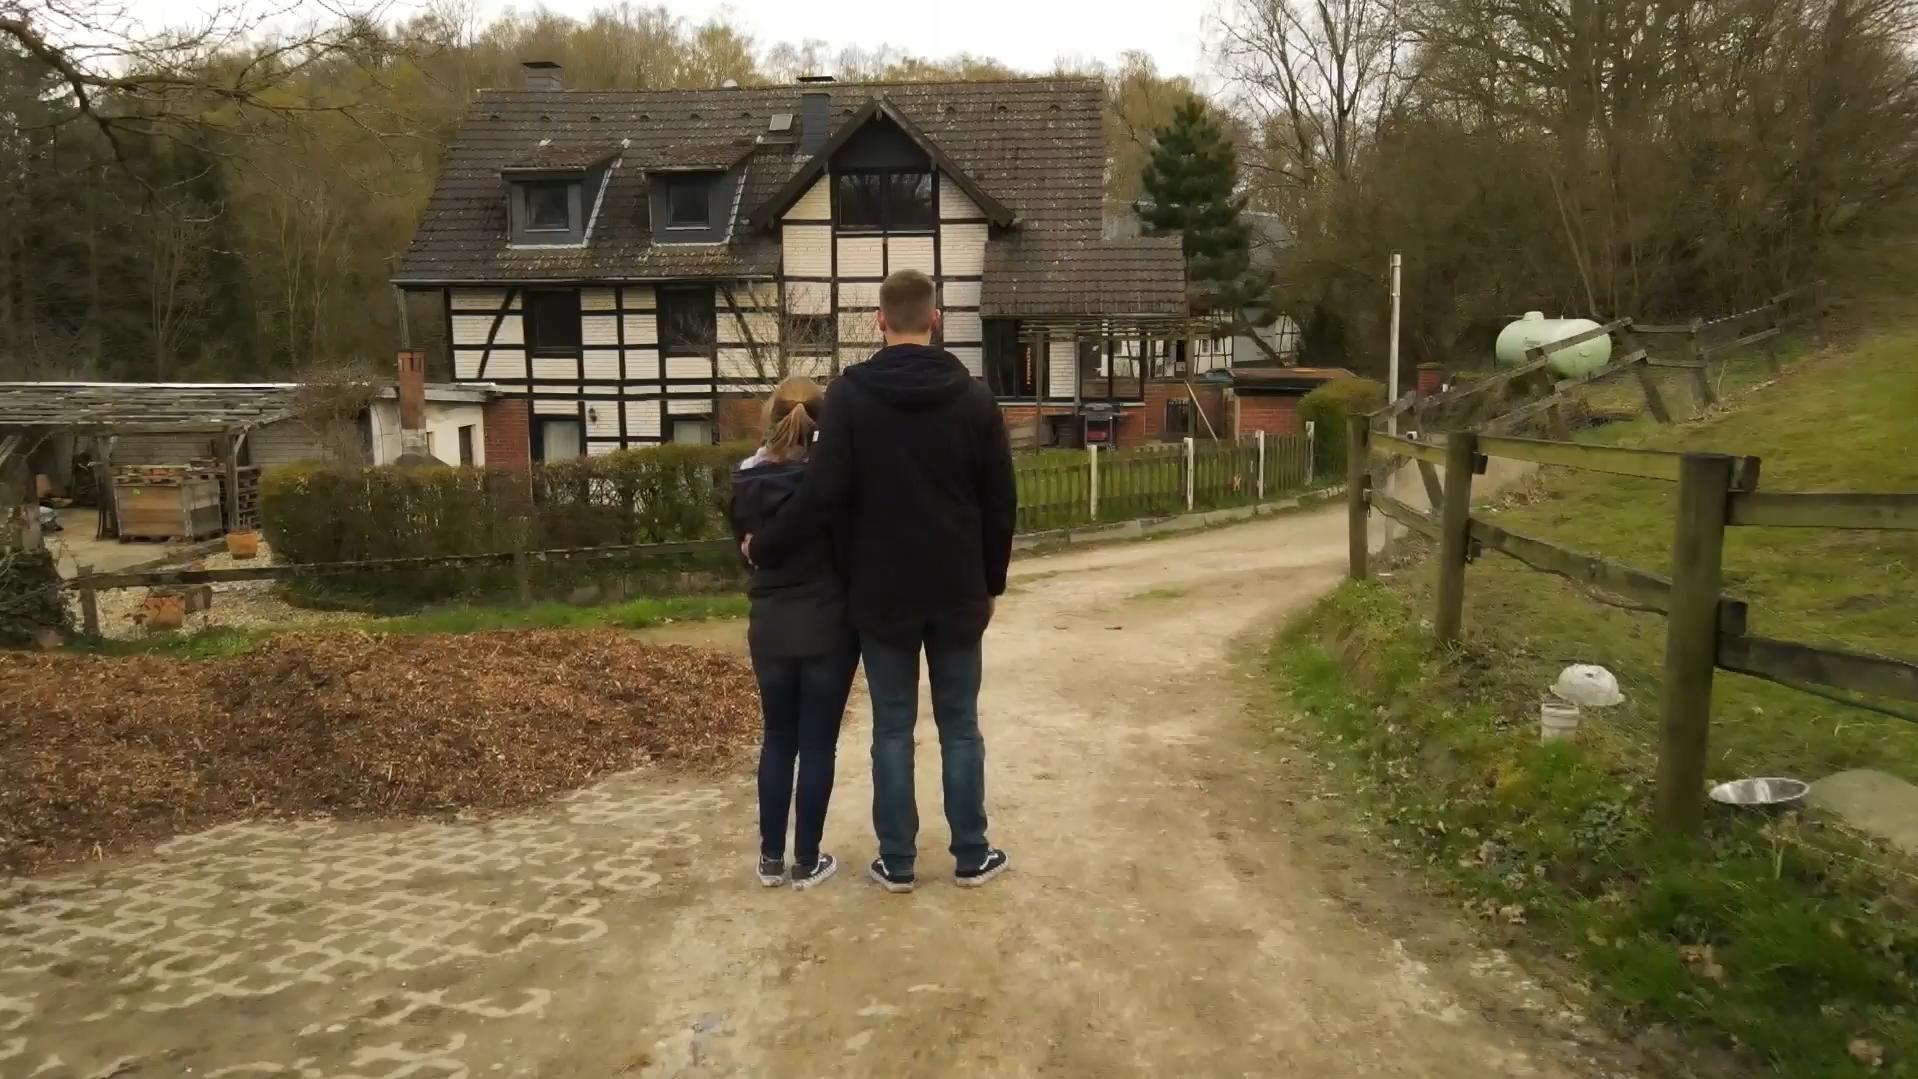 Duldung erlöschen: Ehepaar aus Heiligenhaus soll eigenes Haus abreißen